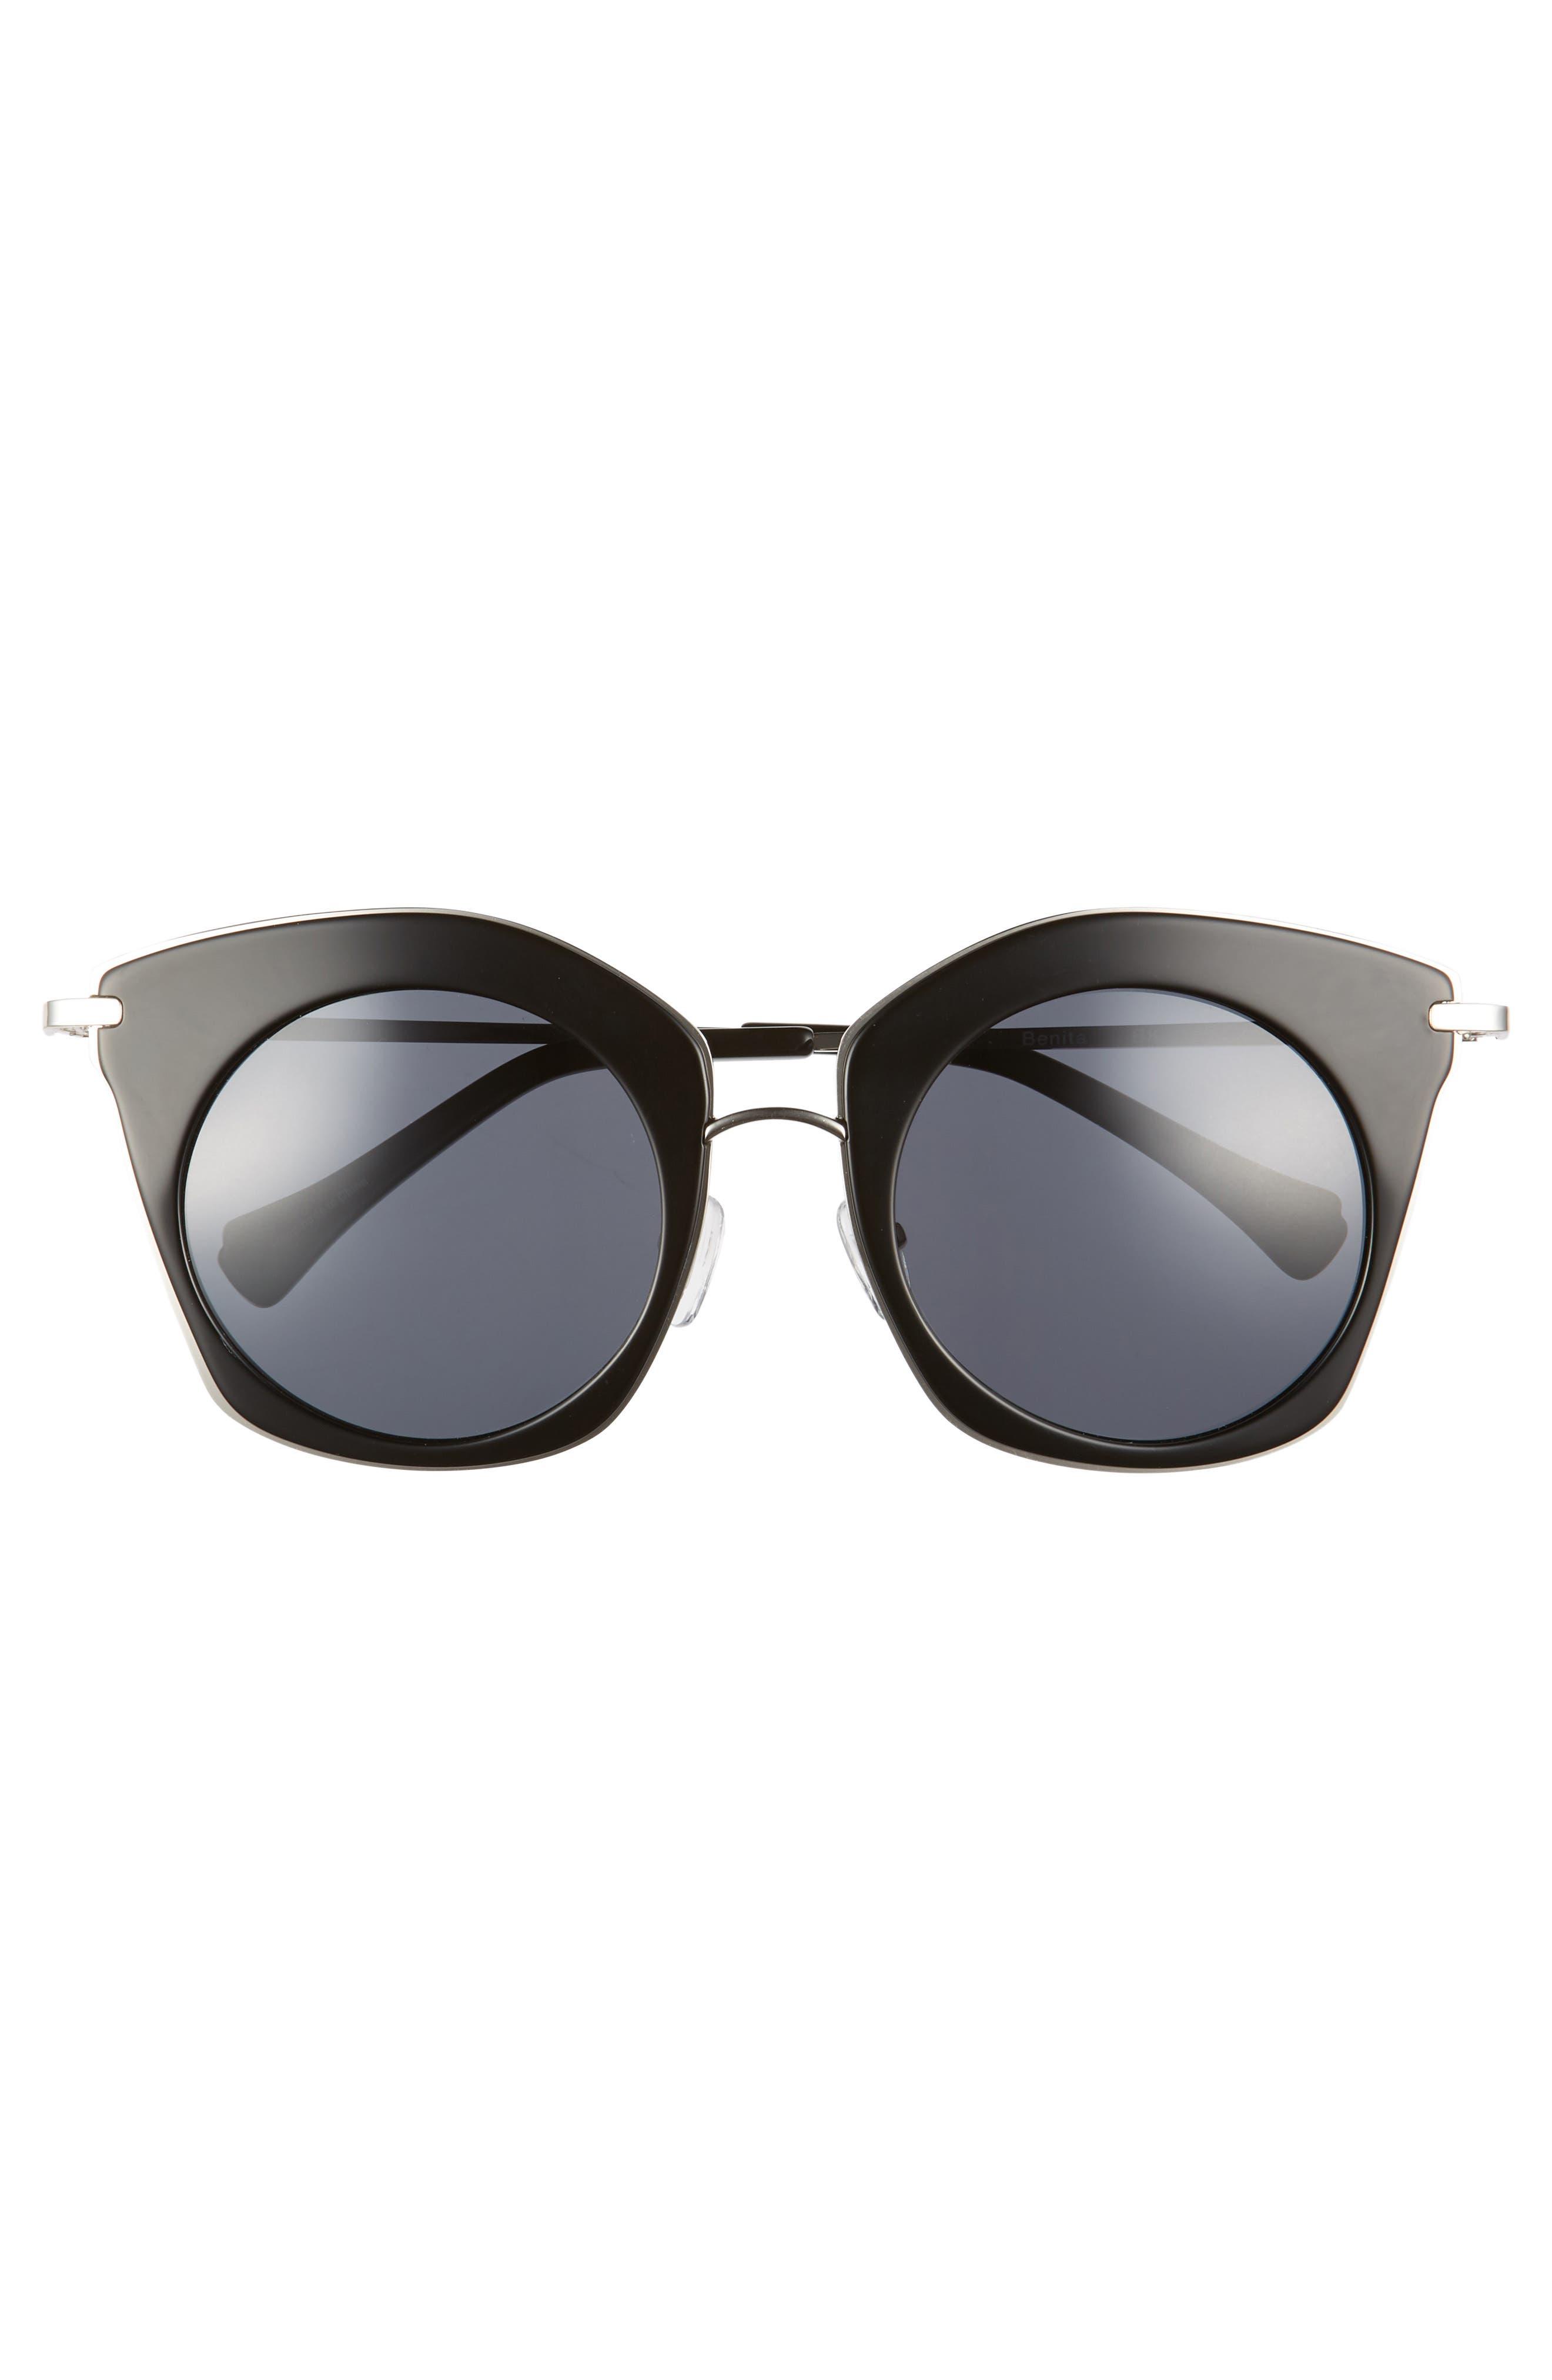 Benita 52mm Polarized Sunglasses,                             Alternate thumbnail 3, color,                             BLACK POLAR